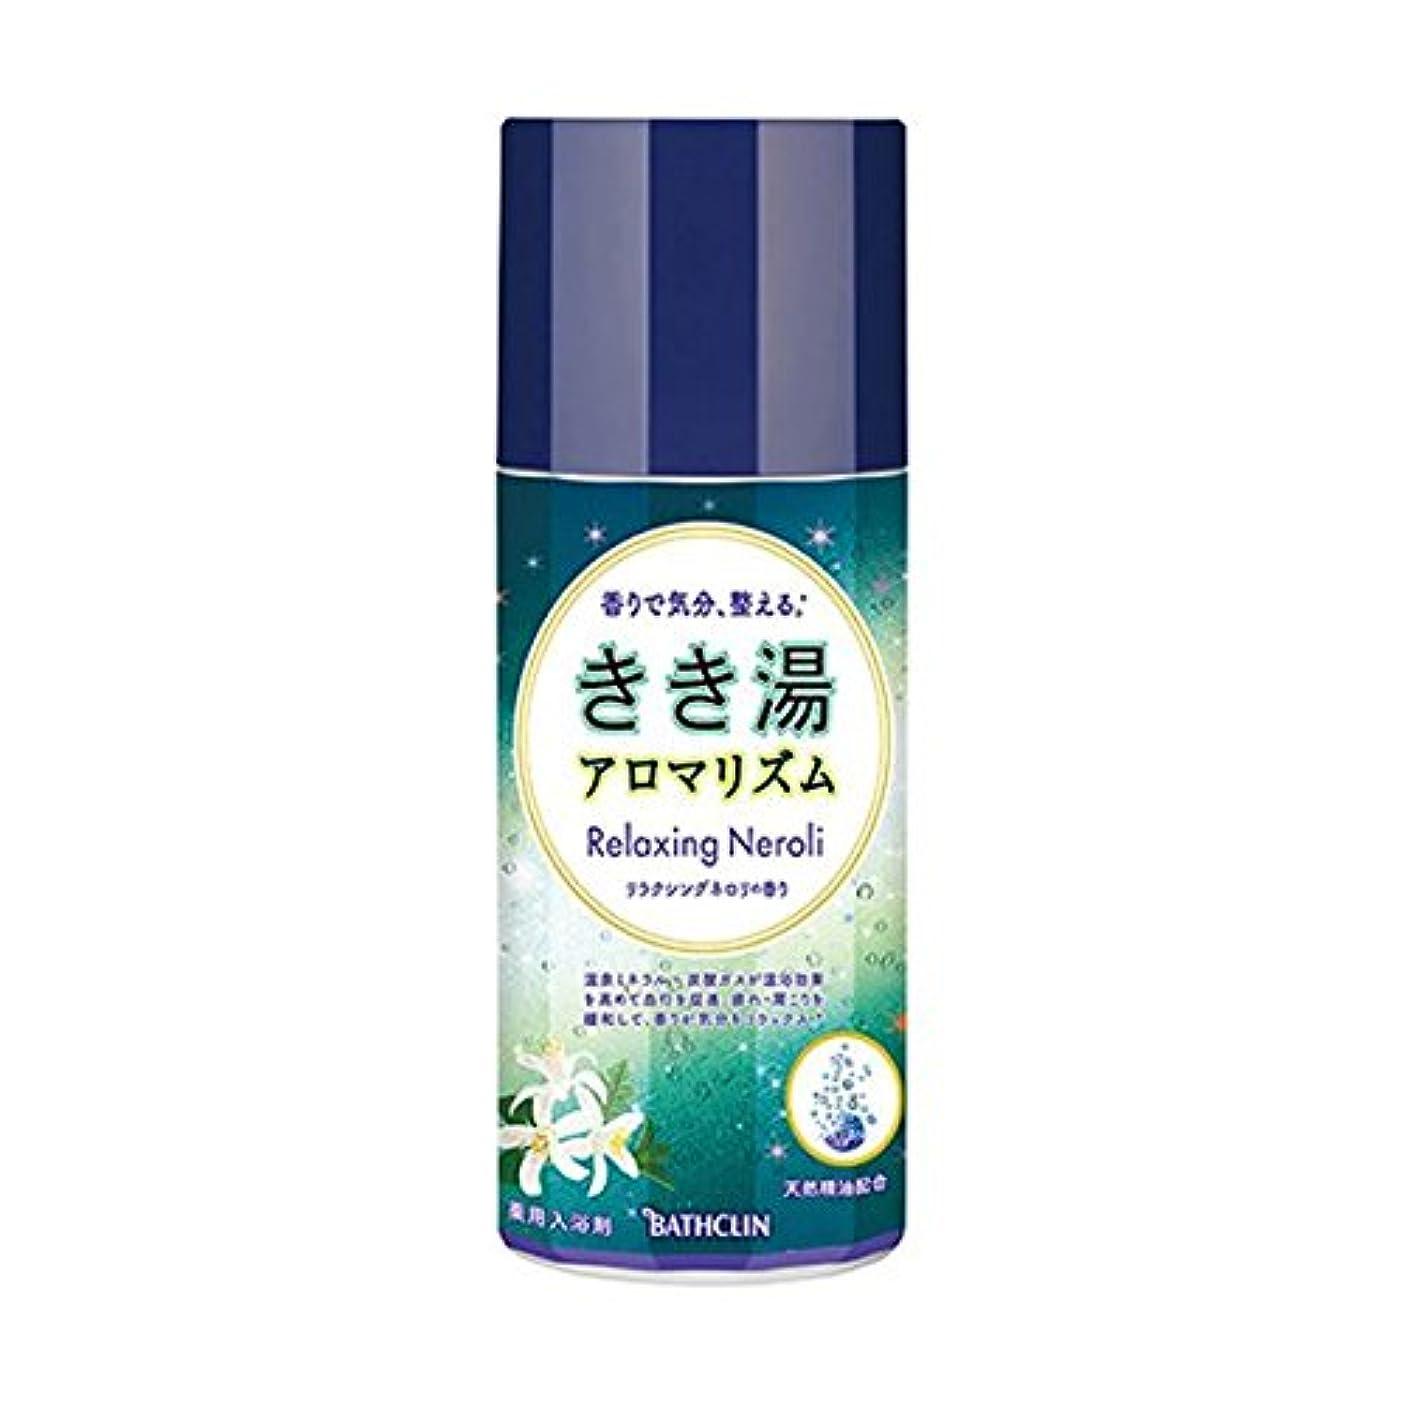 マイクロフォン歩道ボタンきき湯アロマリズム リラクシングネロリの香り 360gx3本 (4548514137585)